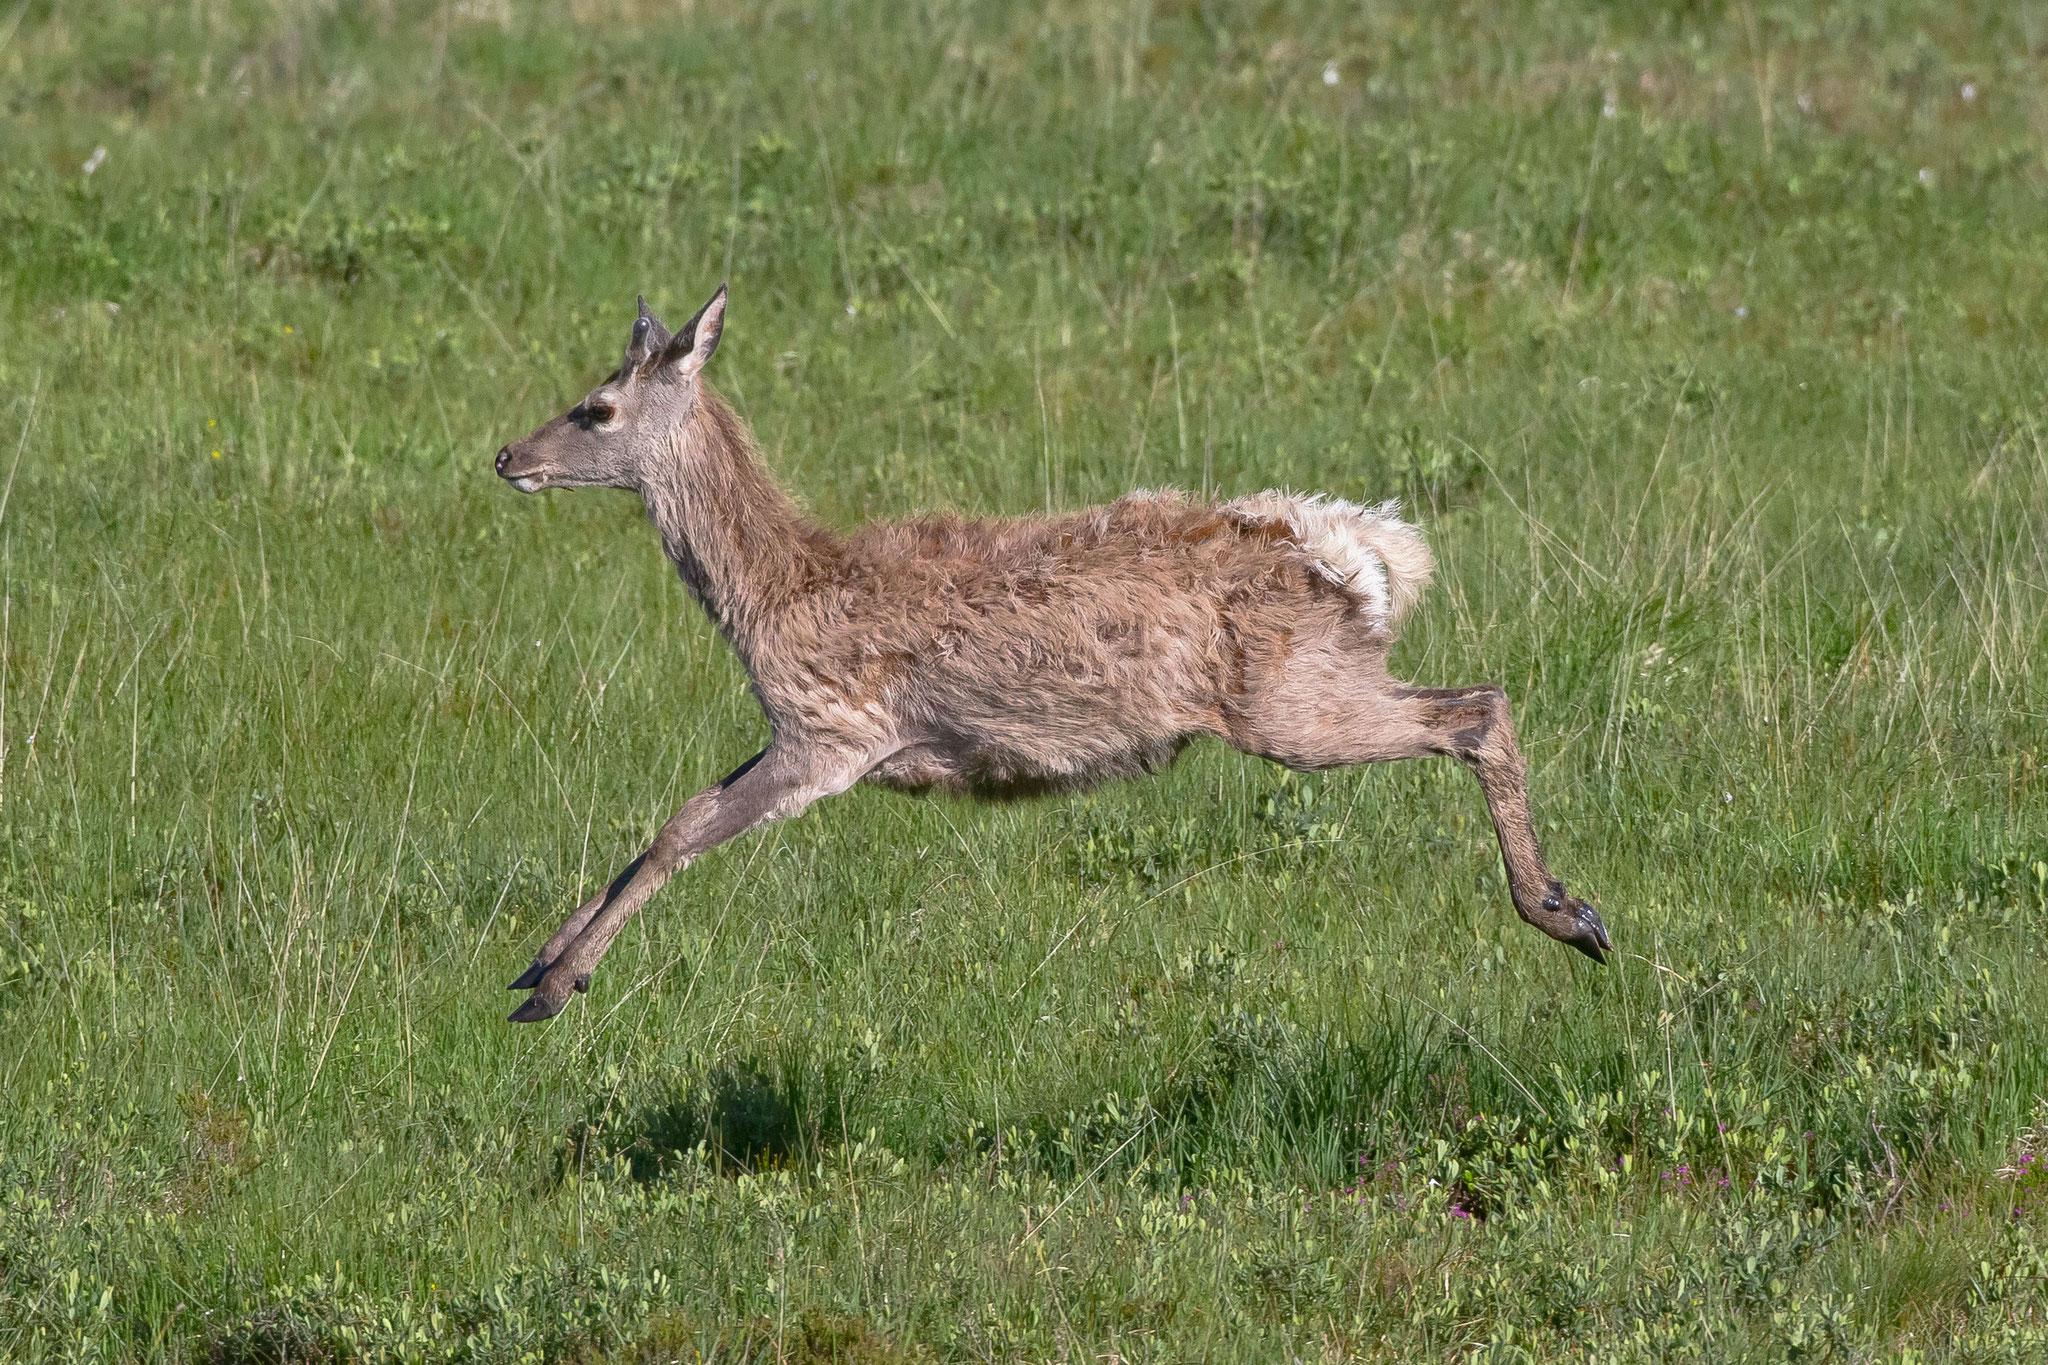 ... ebenso wie Sikahirsche - die Hirschjagd ist in Schottland sehr beliebt